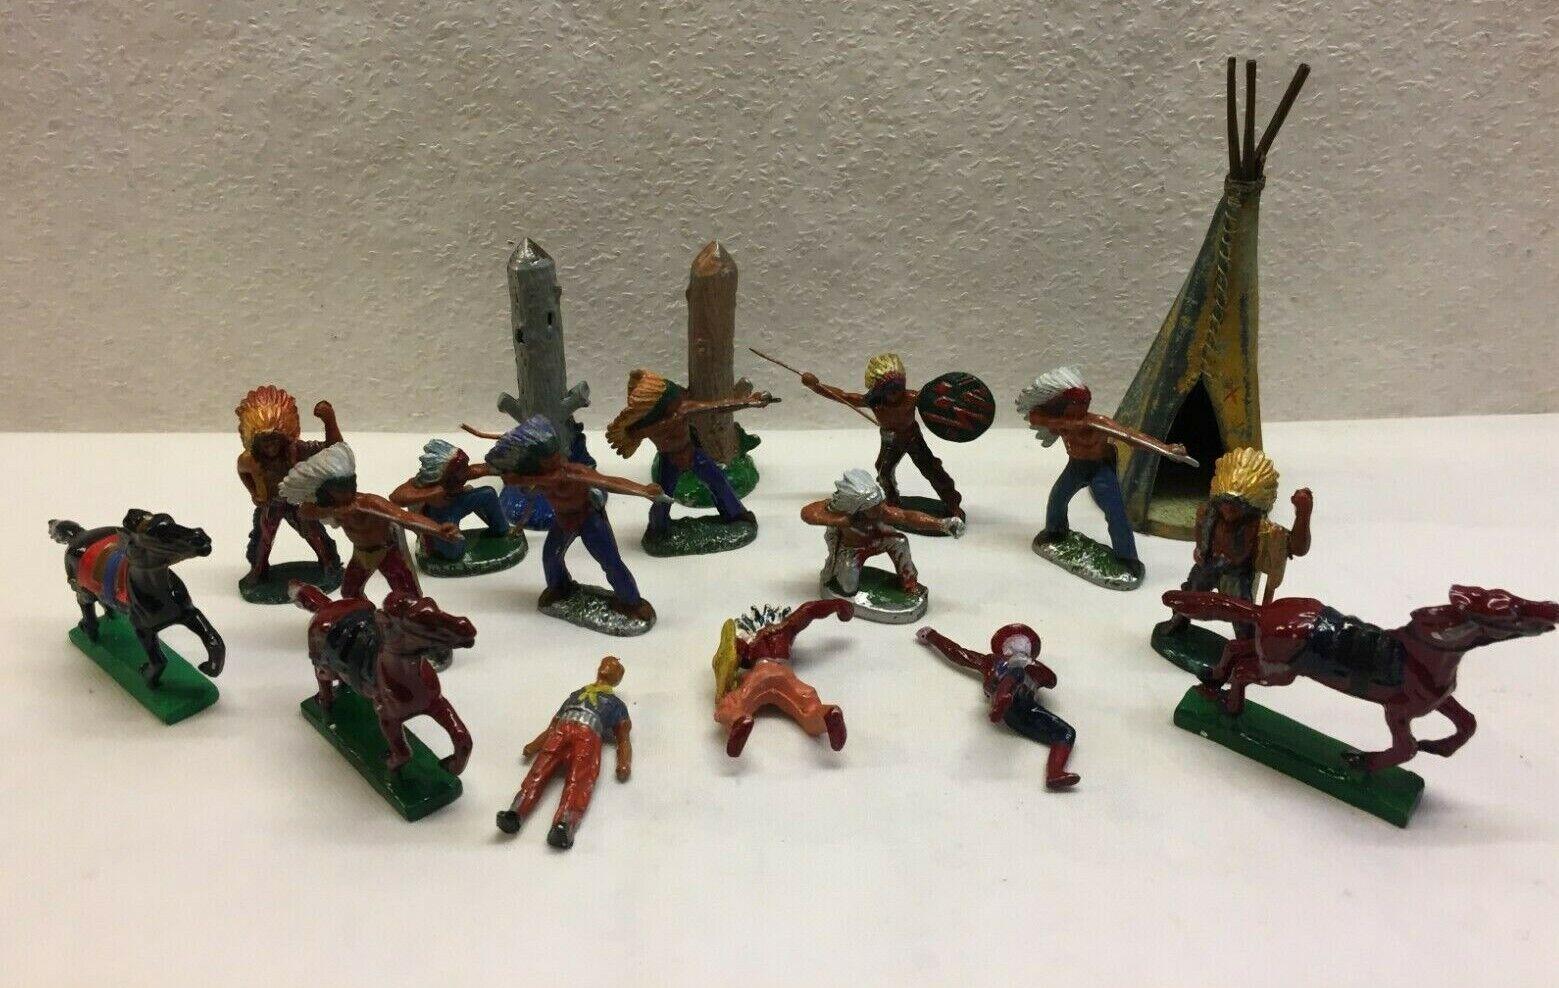 exclusivo Vintage Krolyn Lote danés juguete Diecast nativos americanos americanos americanos Indios De Metal Fundido 1950s  ¡envío gratis!